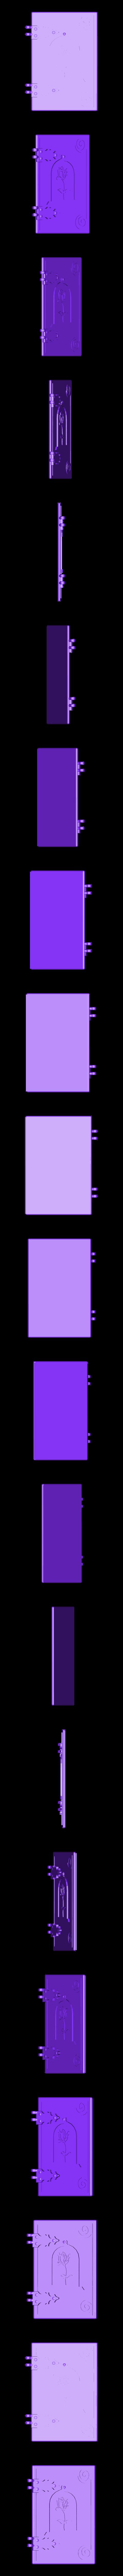 BelleBook_Big_Cover.stl Télécharger fichier STL gratuit Boite à dés Belle livre • Objet à imprimer en 3D, mrhers2